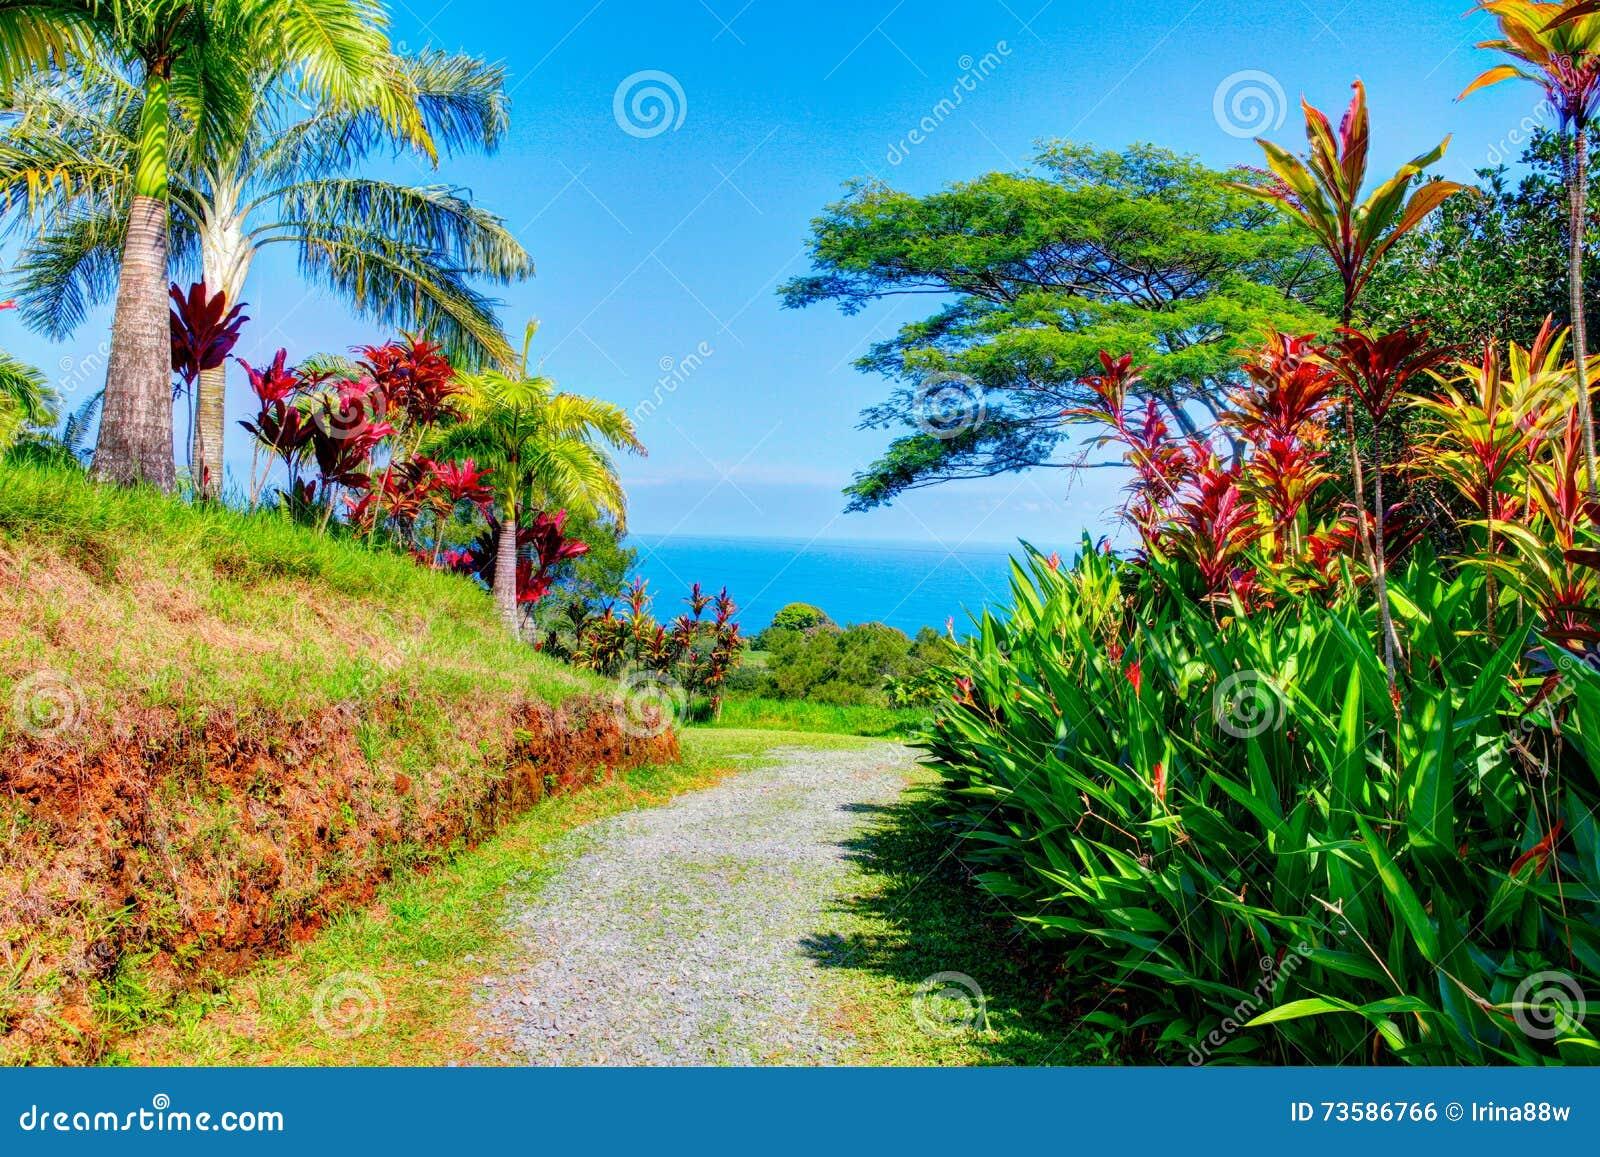 Garden Of Eden Kauai Hawaii Garden Ftempo